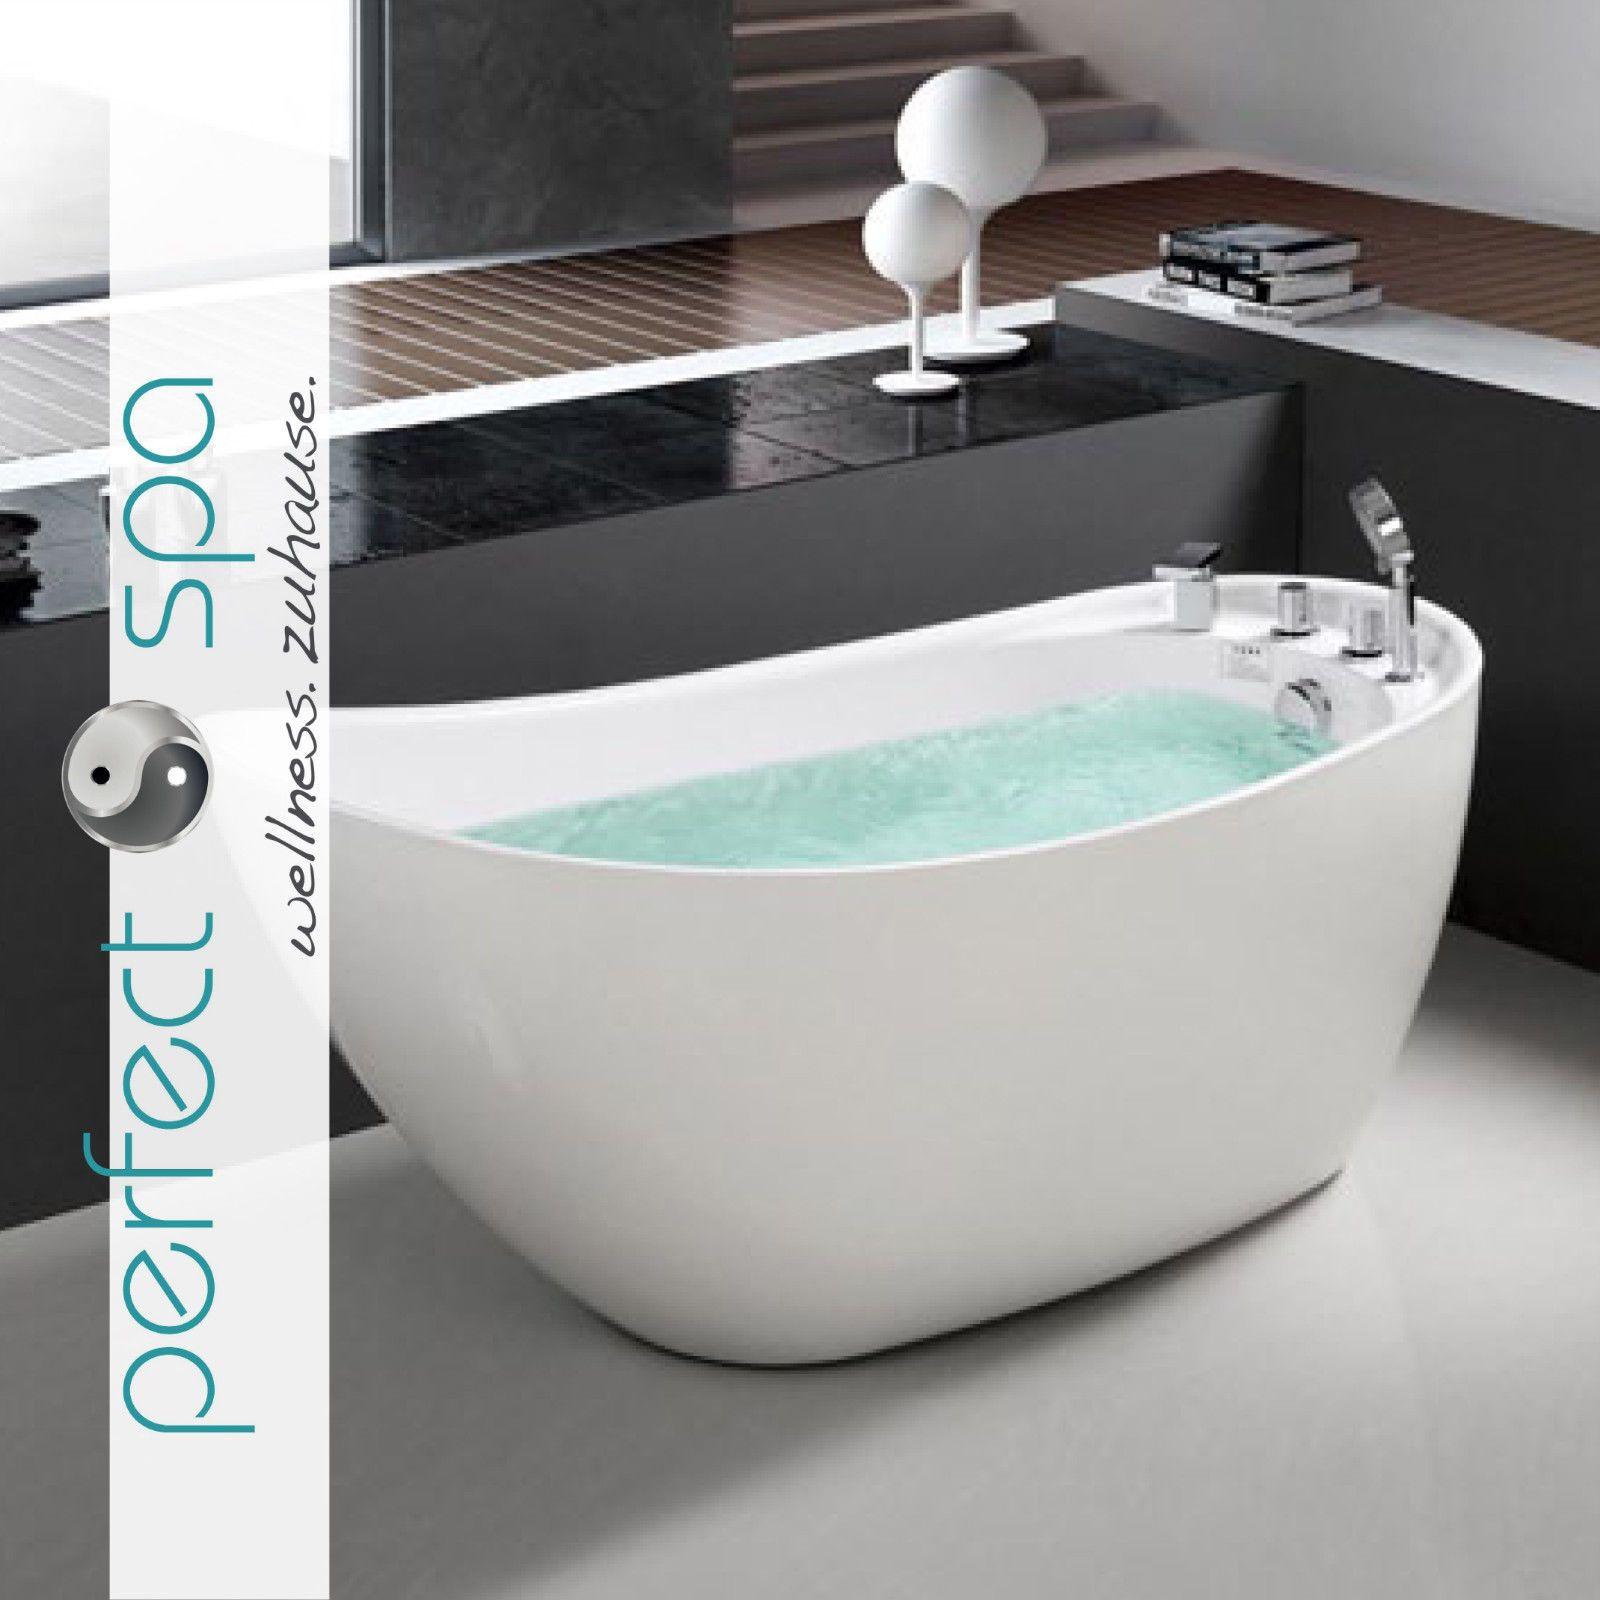 Wanne Freistehend design badewanne freistehend wanne liverpool 1 800 x 850 x 680 mm